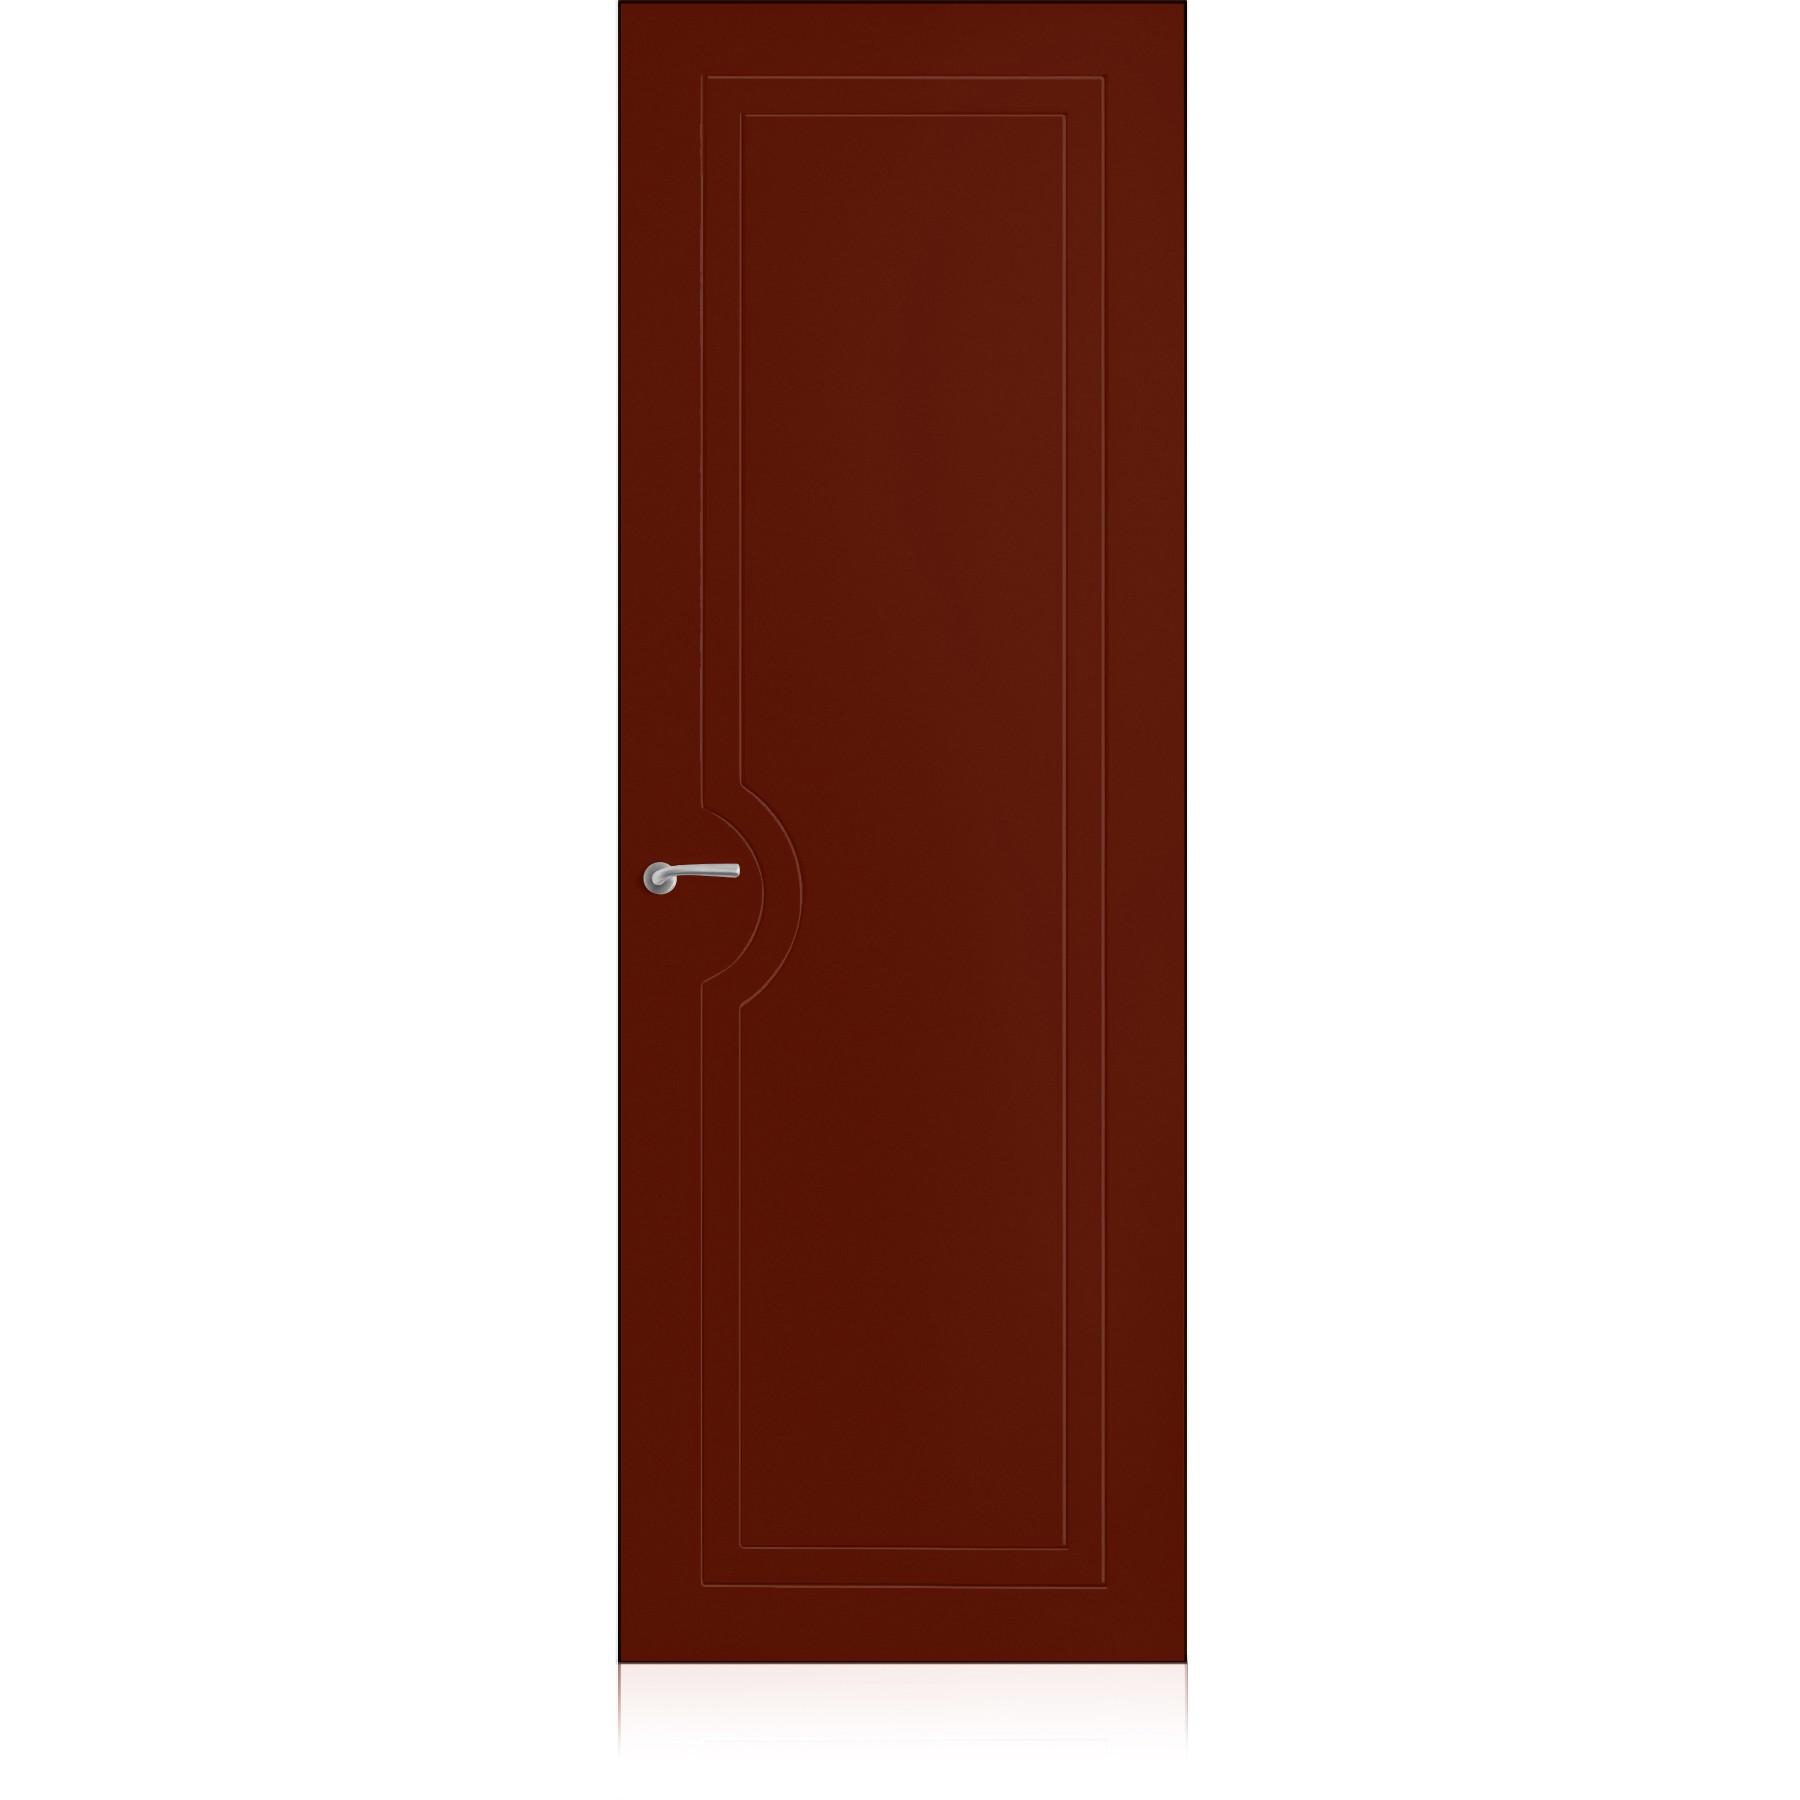 Yncisa/1 Zero Corallo Pure Laccato ULTRAopaco door